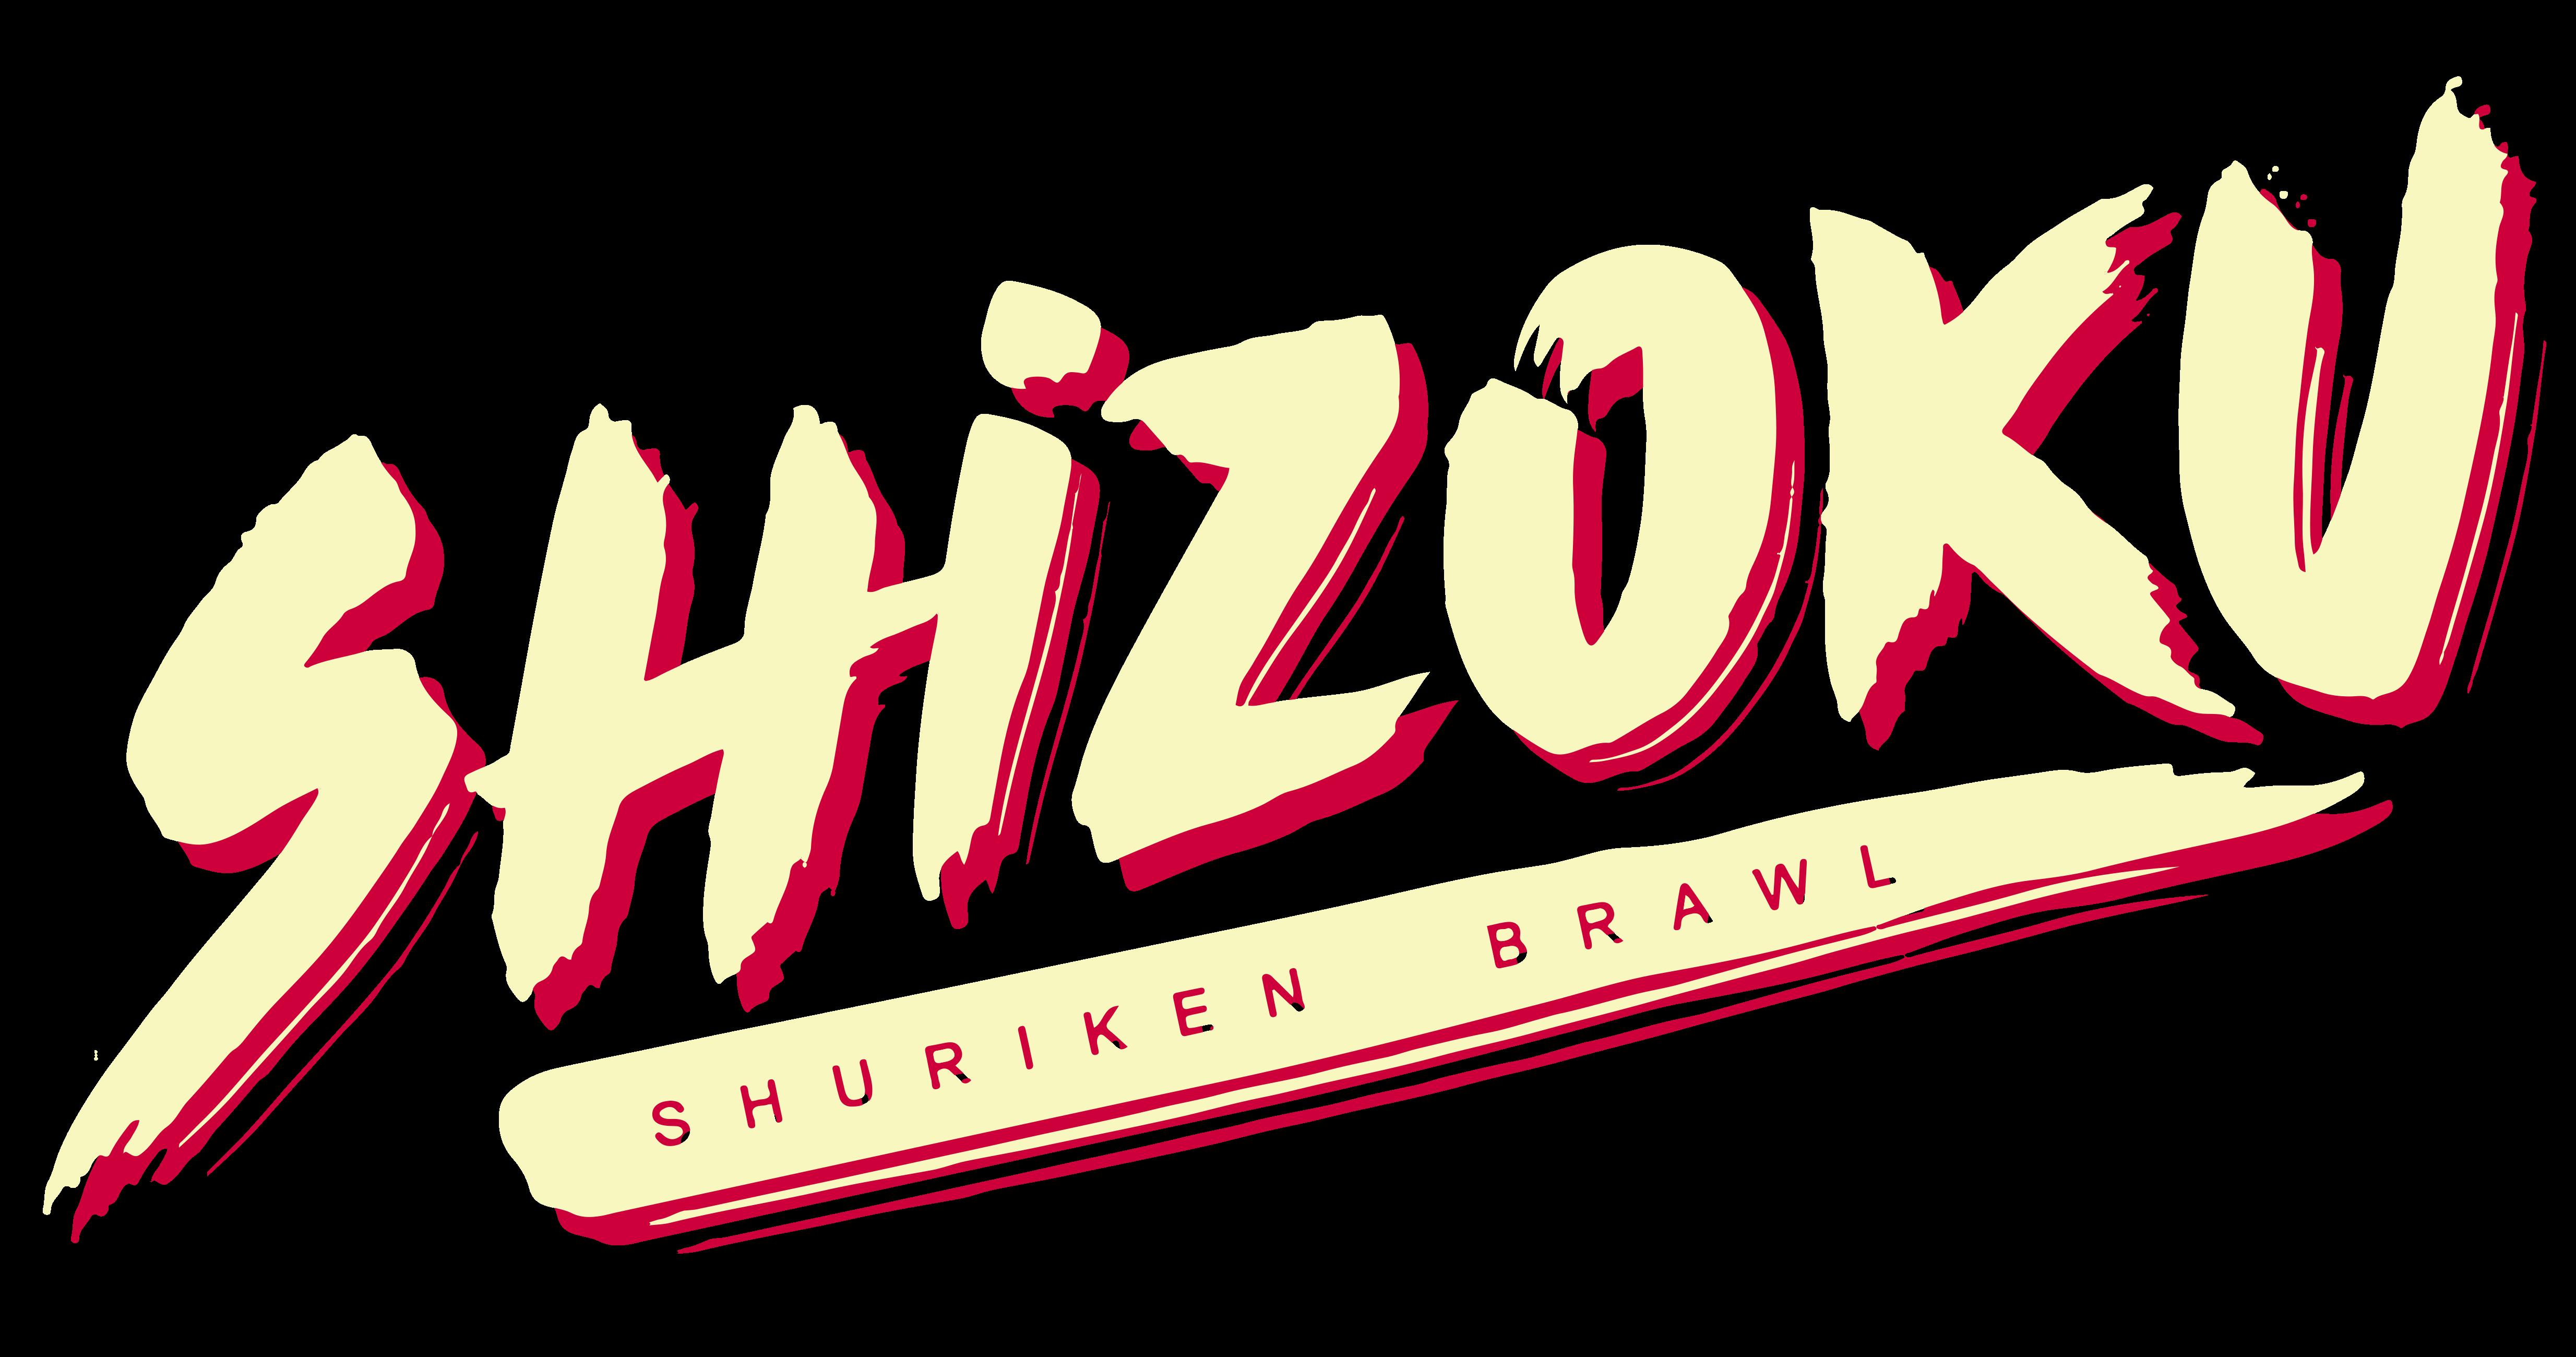 Shizoku: Shuriken Brawl